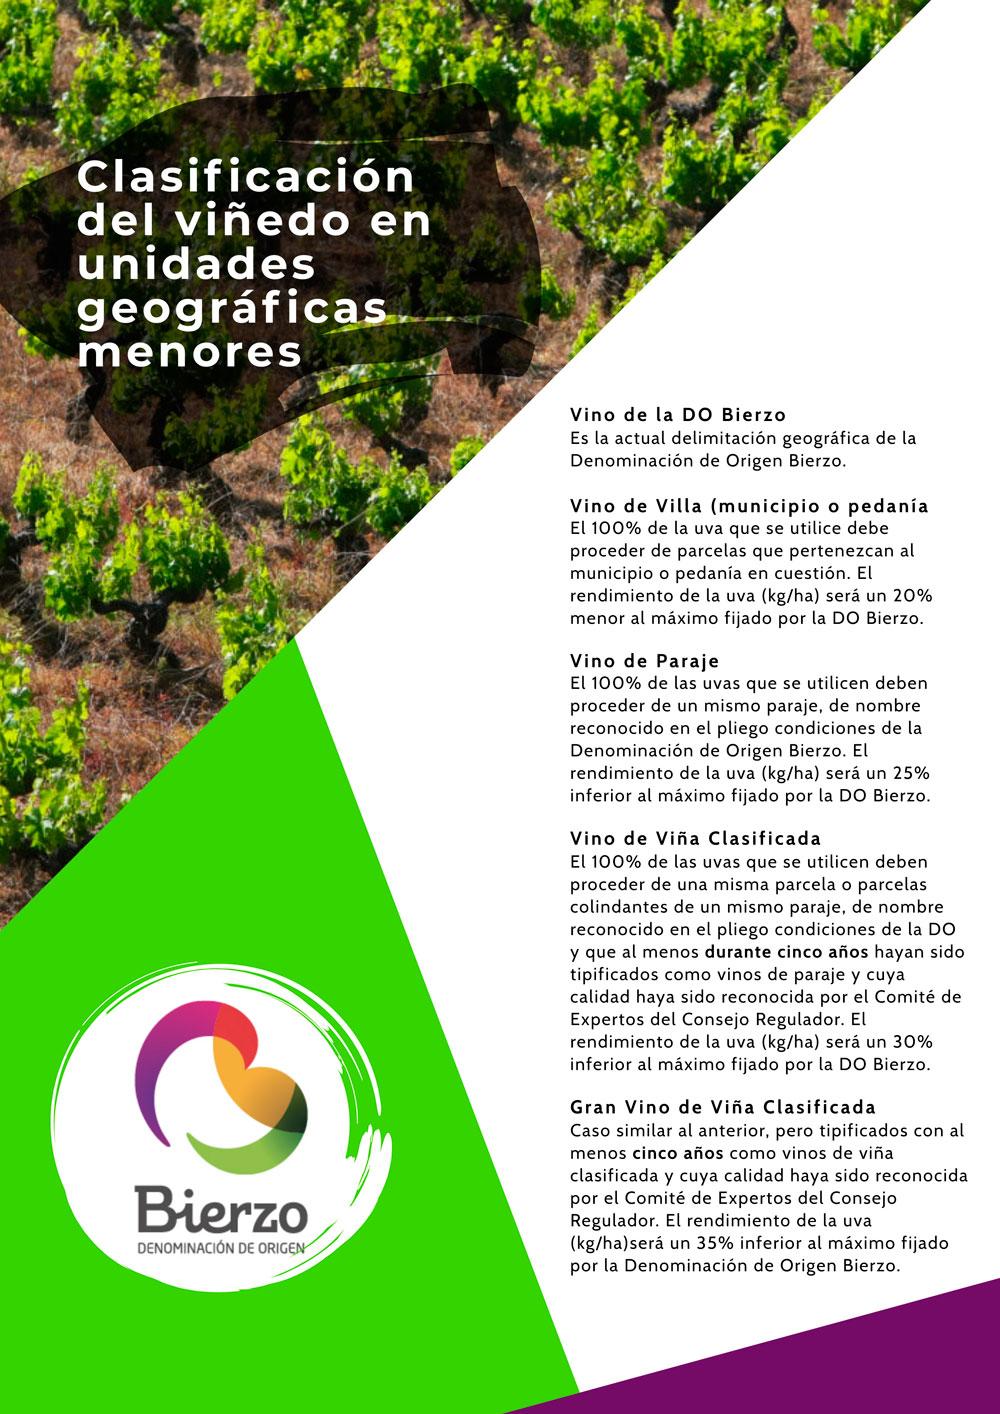 clasificación del viñedo